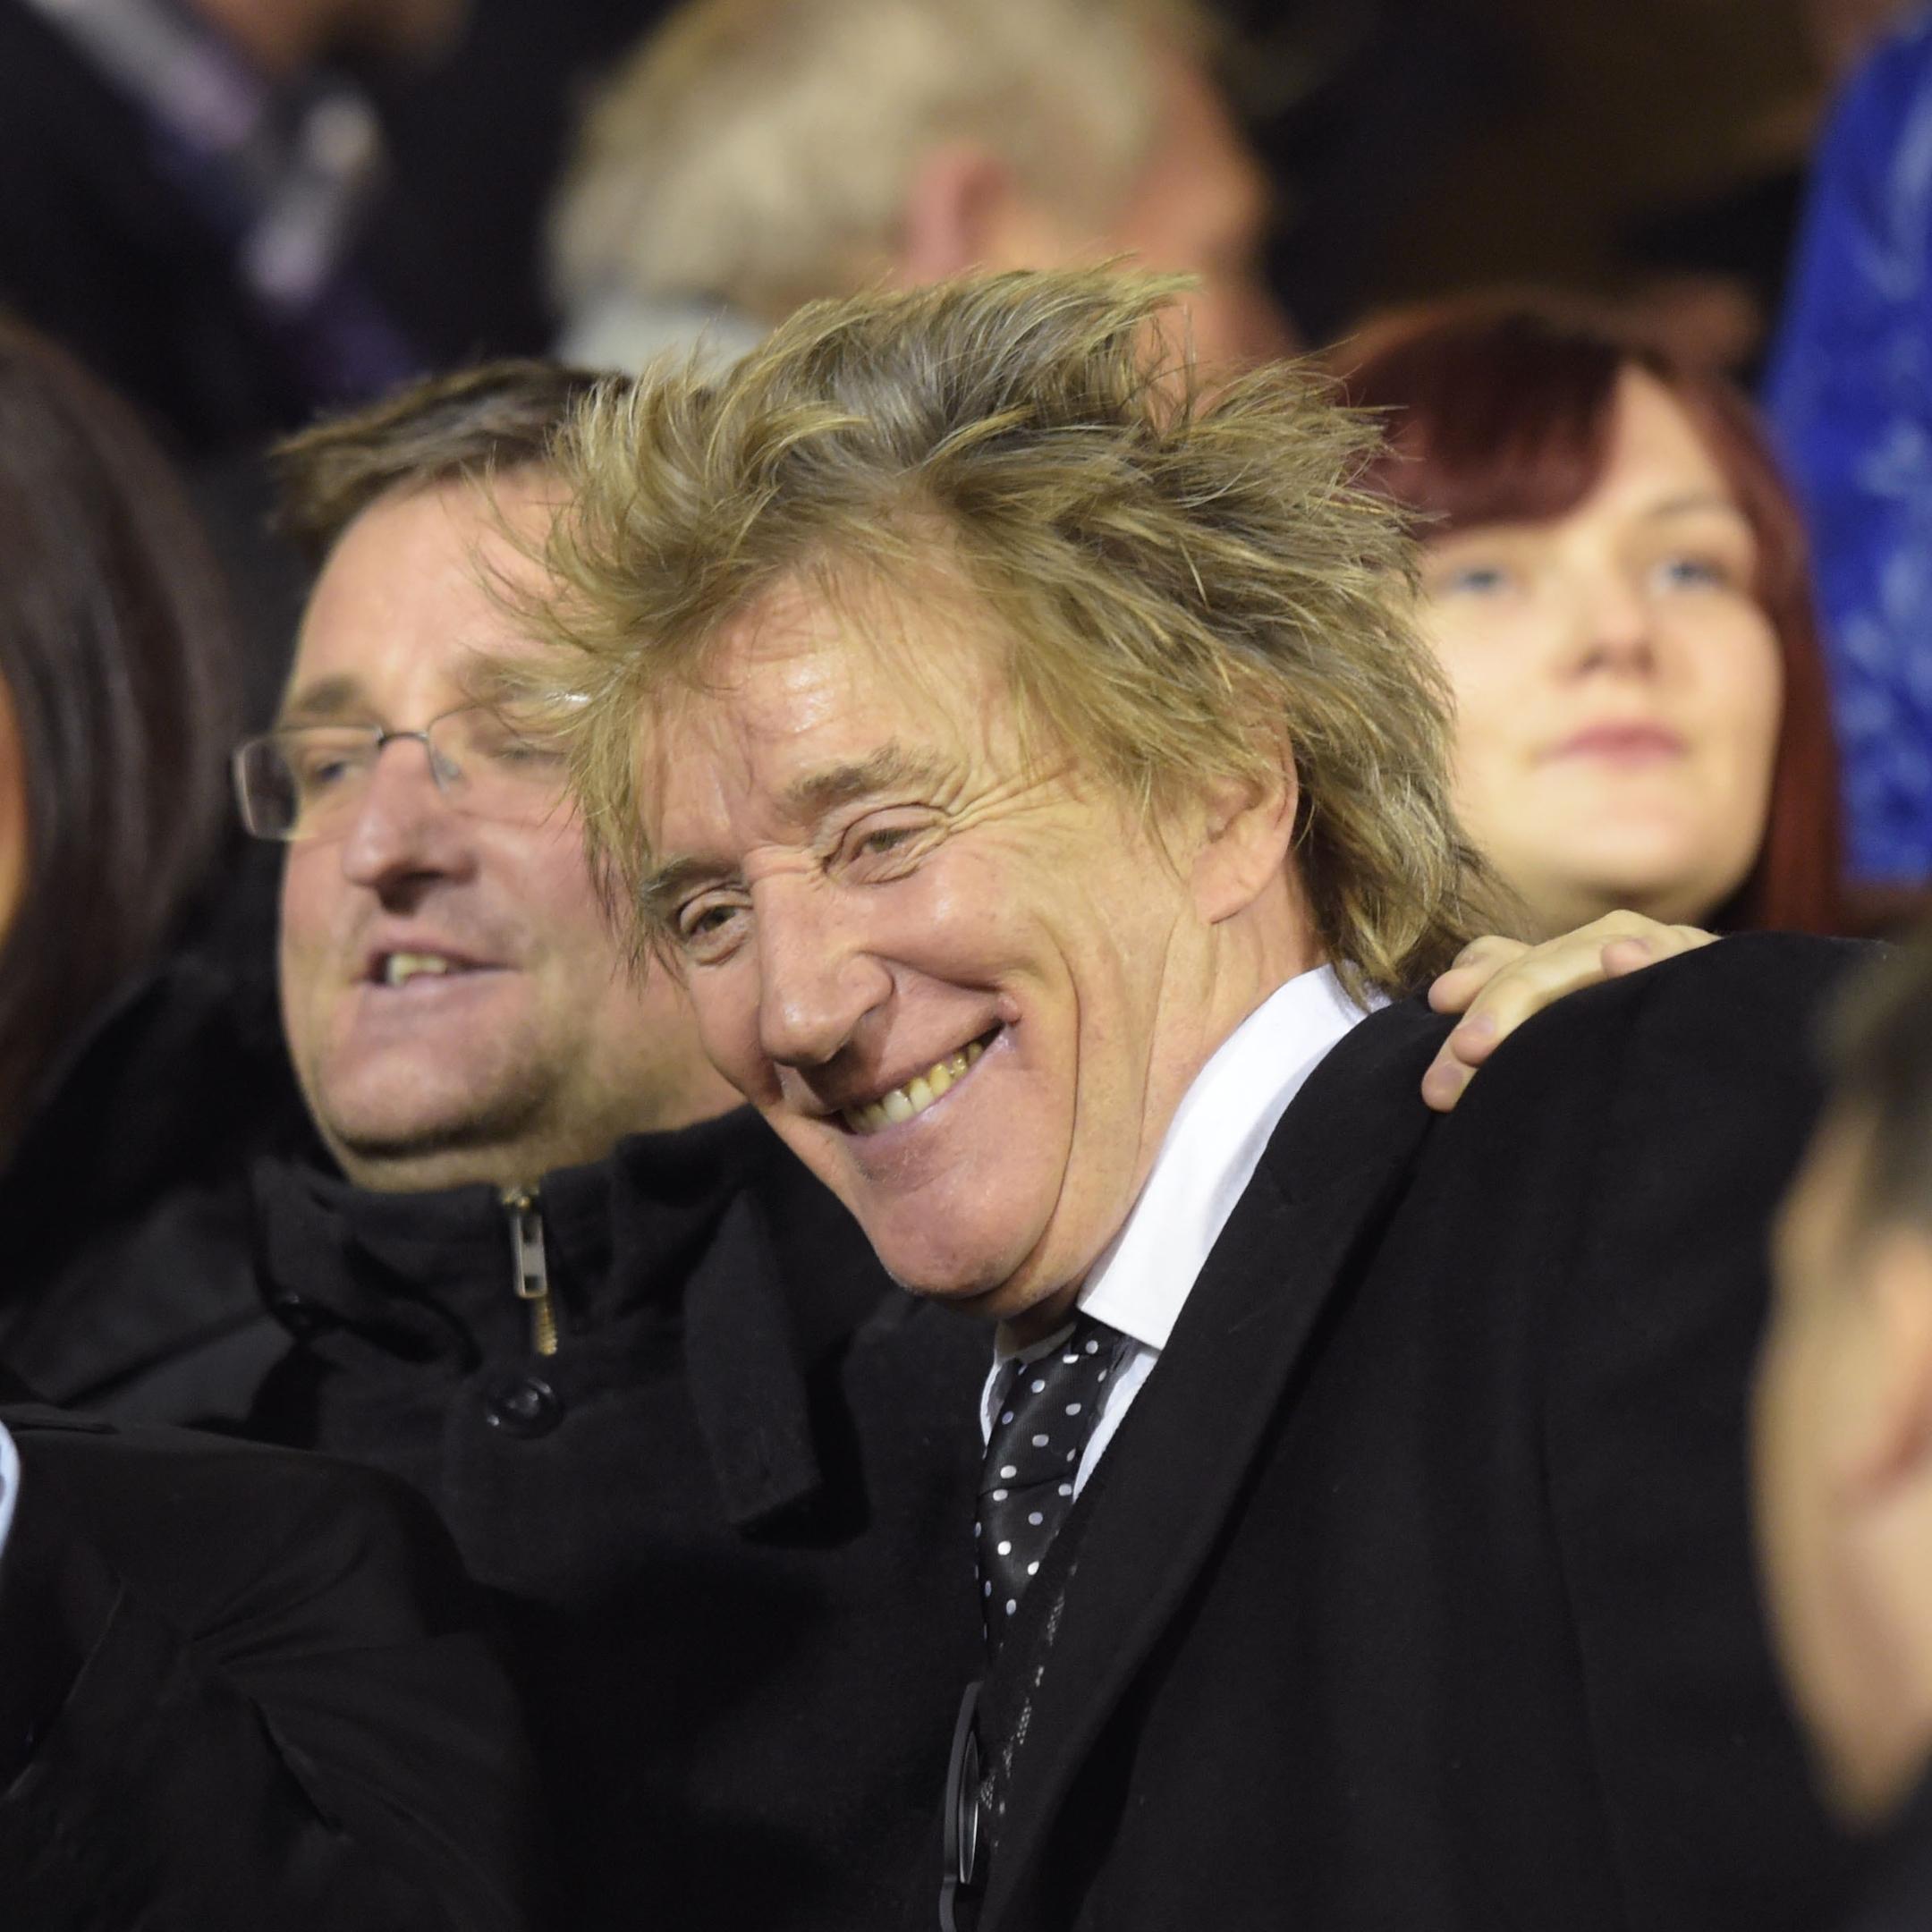 Celtic fan Rod Stewart was all smiles ahead of kick off